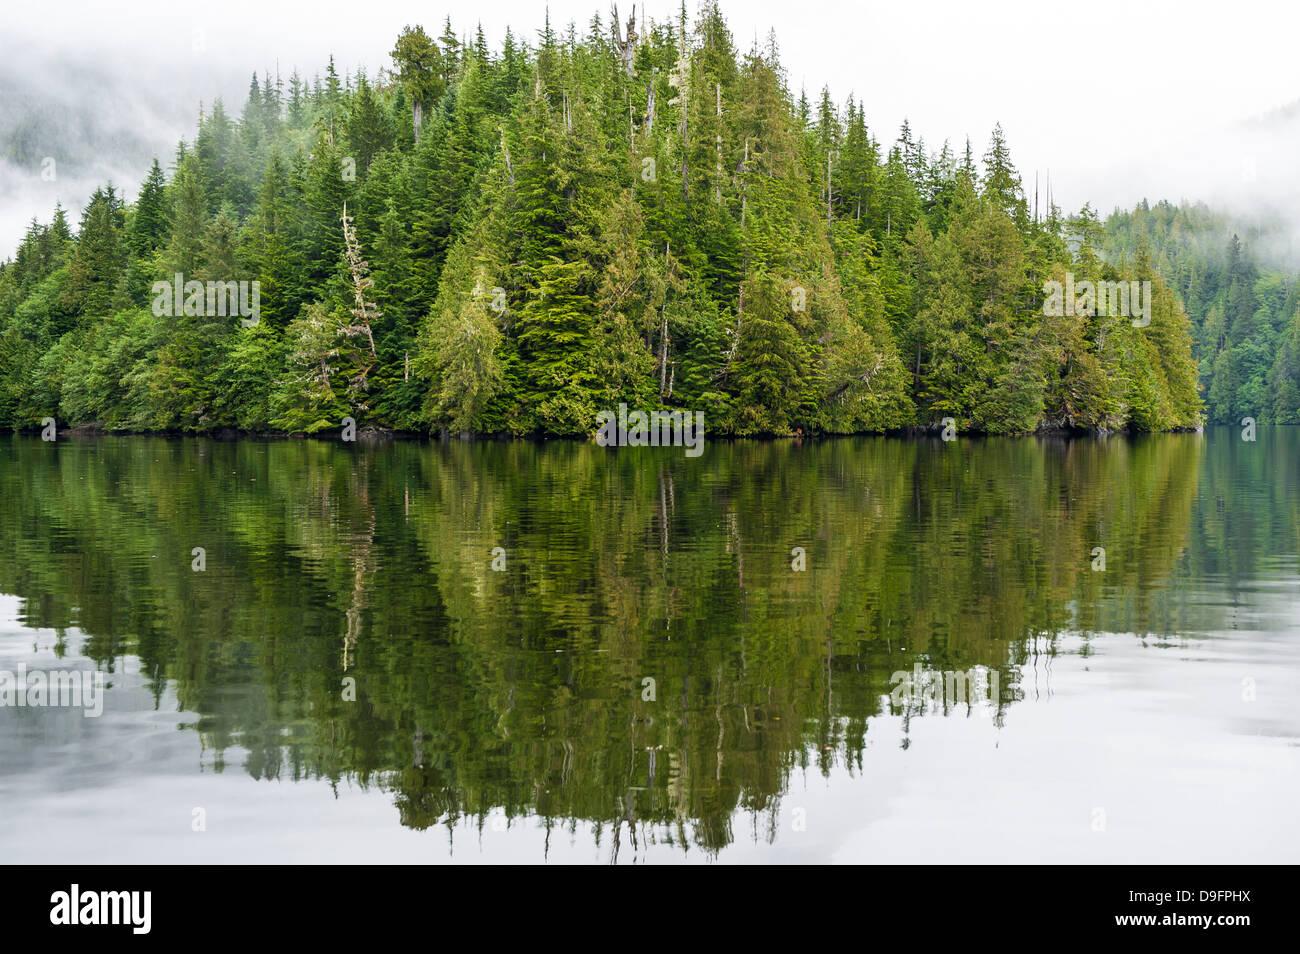 Paysage côtier dans la forêt pluviale de Great Bear, en Colombie-Britannique, Canada Photo Stock